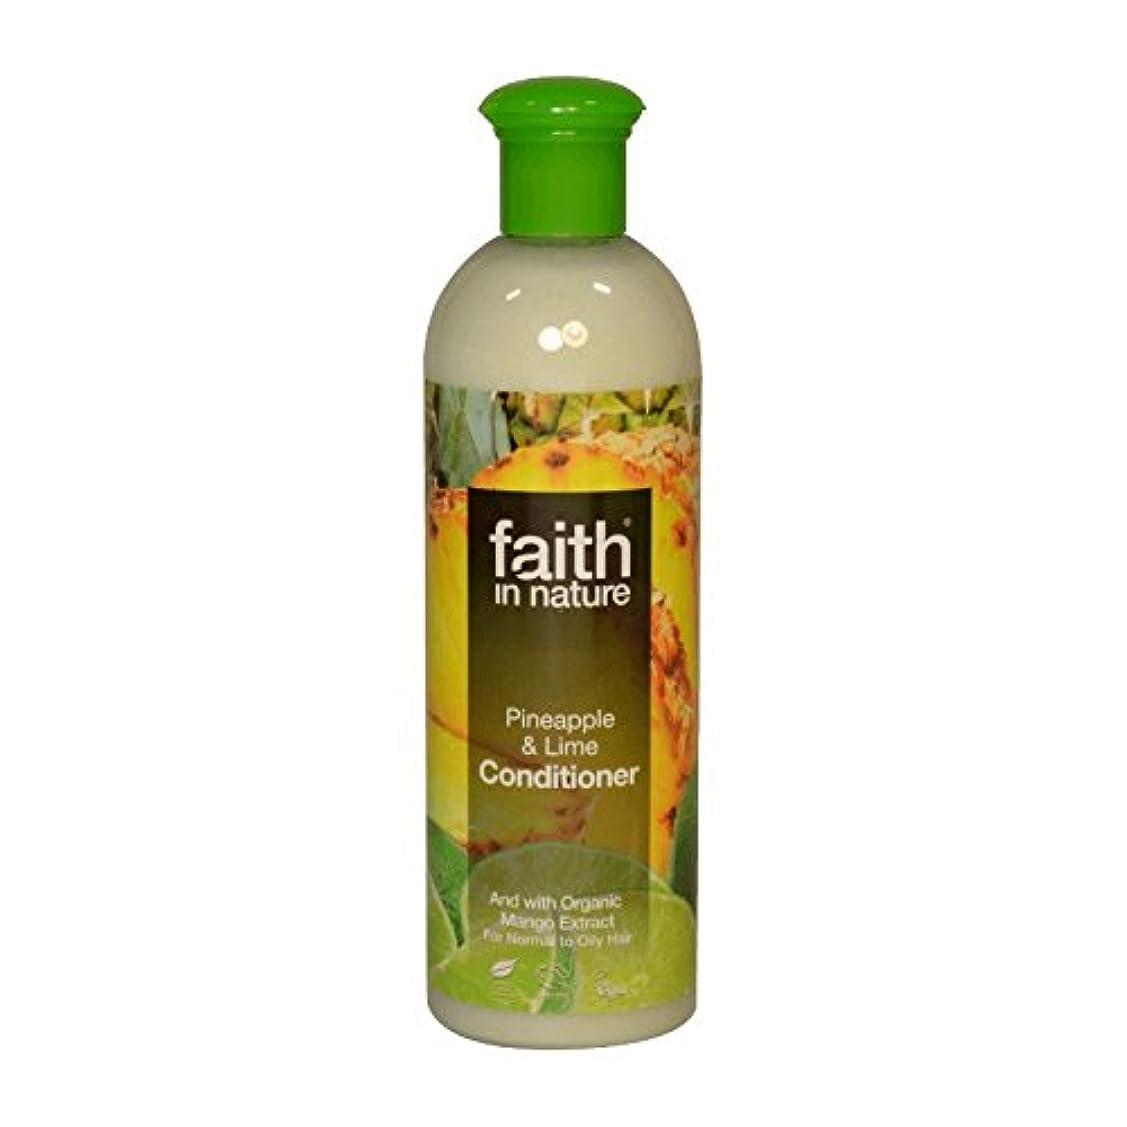 反響する債権者建てる自然パイナップル&ライムコンディショナー400ミリリットルの信仰 - Faith in Nature Pineapple & Lime Conditioner 400ml (Faith in Nature) [並行輸入品]